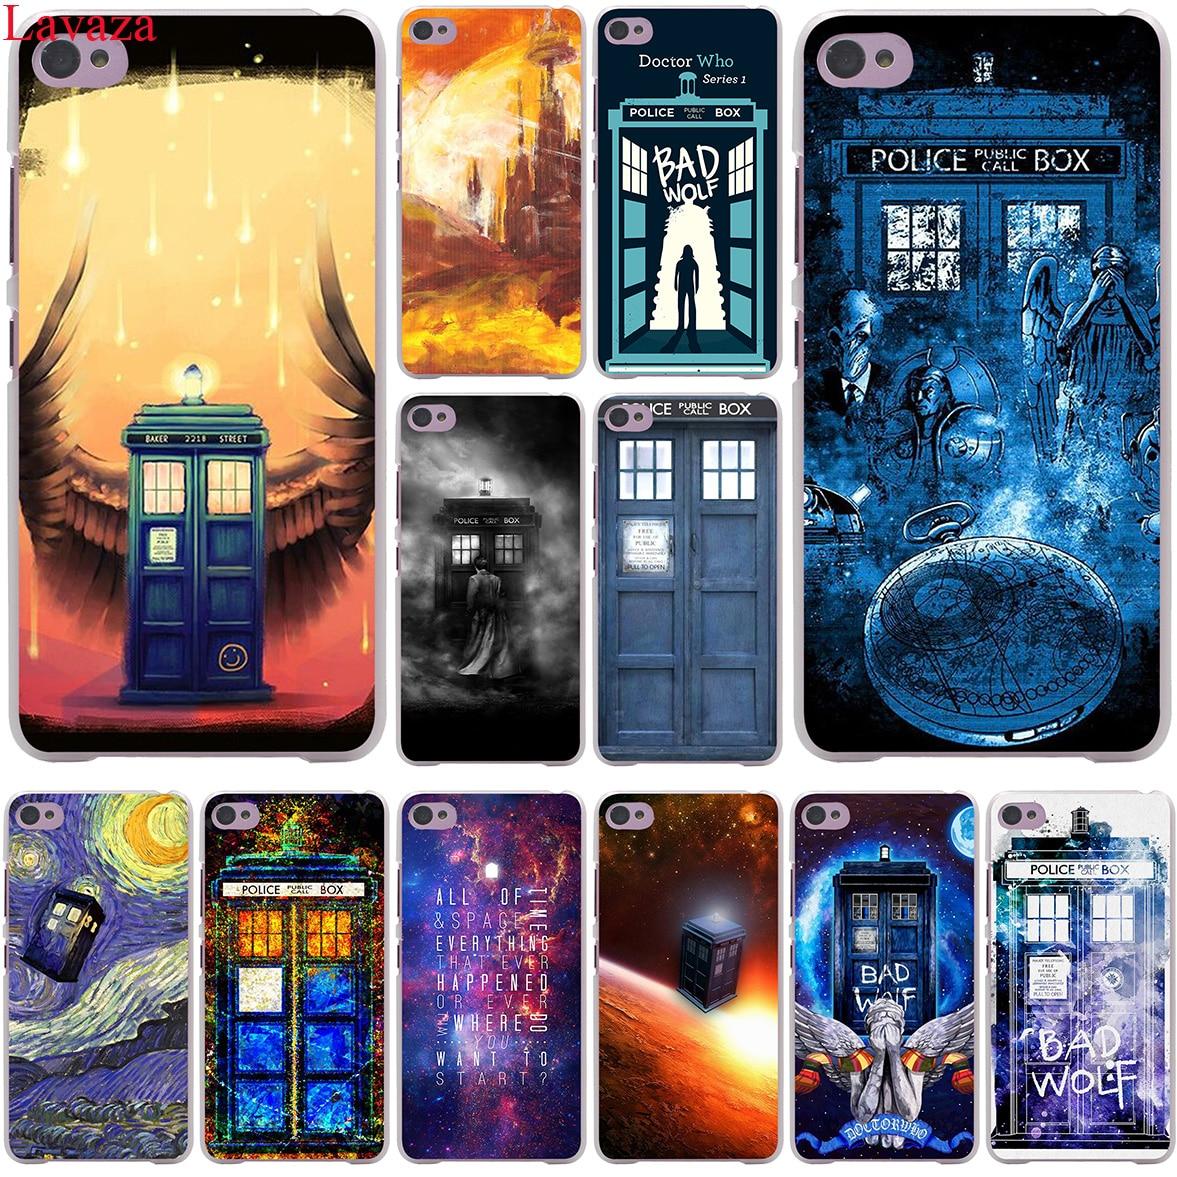 Lavaza Tardis Box Doctor Who Case for Lenovo A1000 A2010 A5000 A536 A328 K3 K4 K5 K6 Note X3 Lite ZUK Z2 Vibe P1 S850 S90 S60